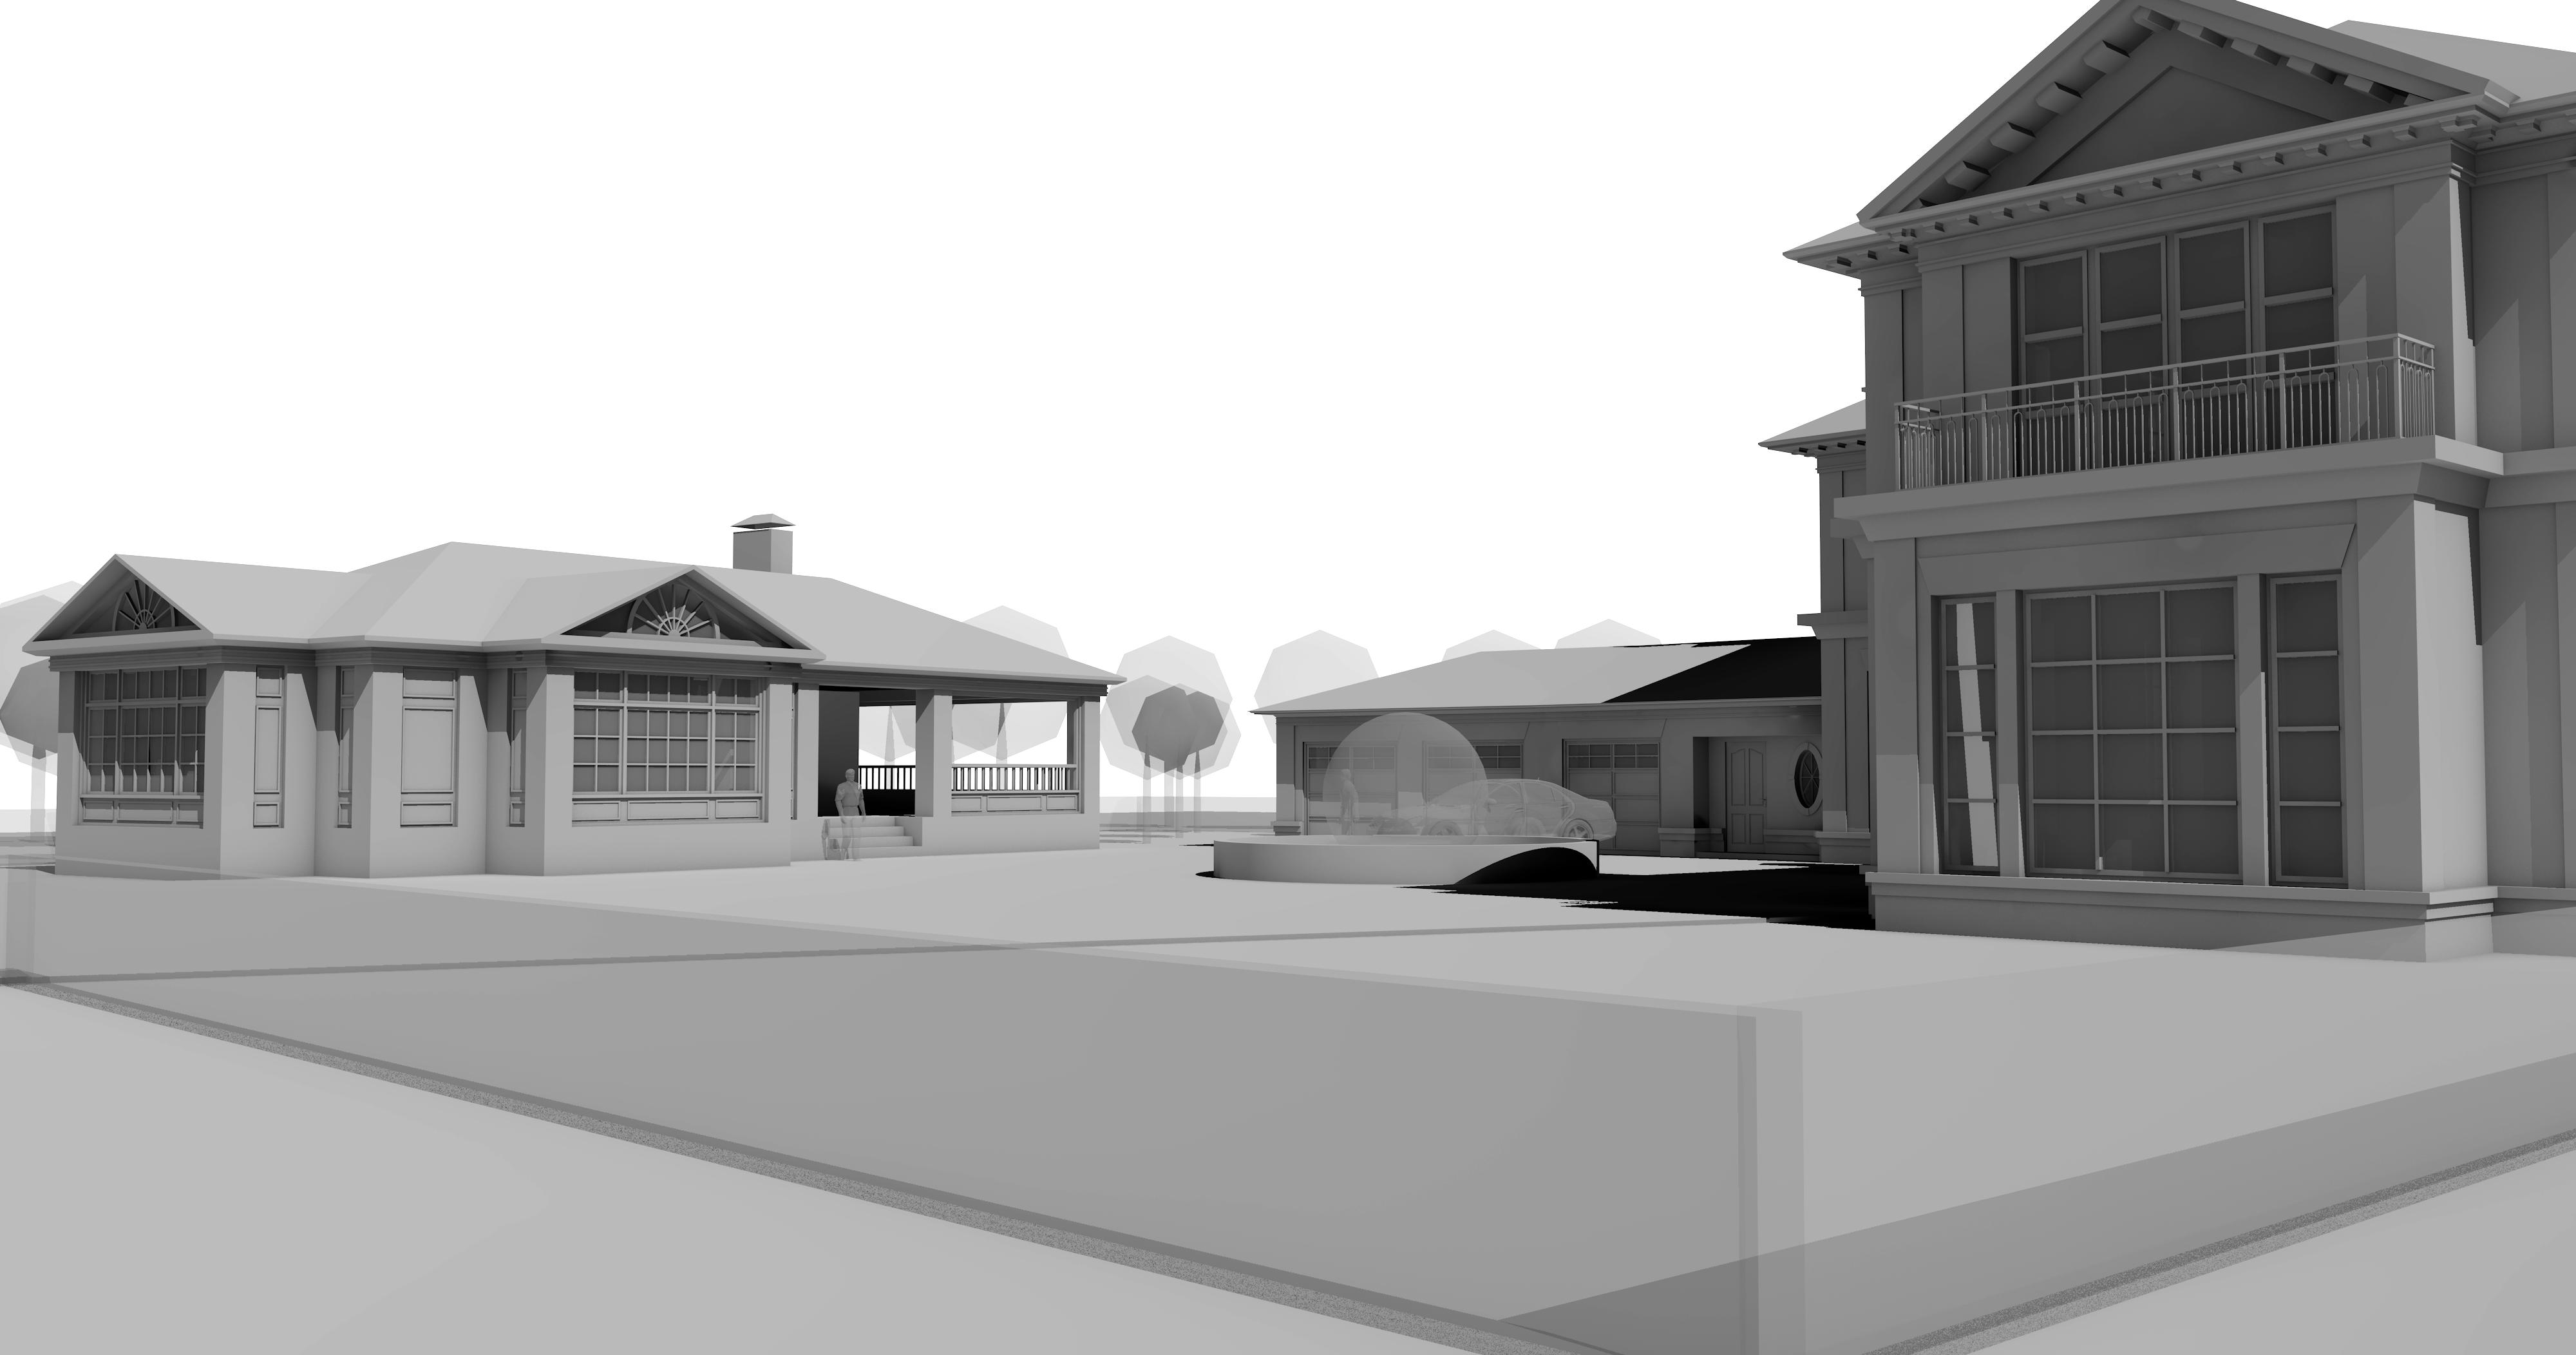 Архитектурное моделирование. Усадьба. Тамбов.